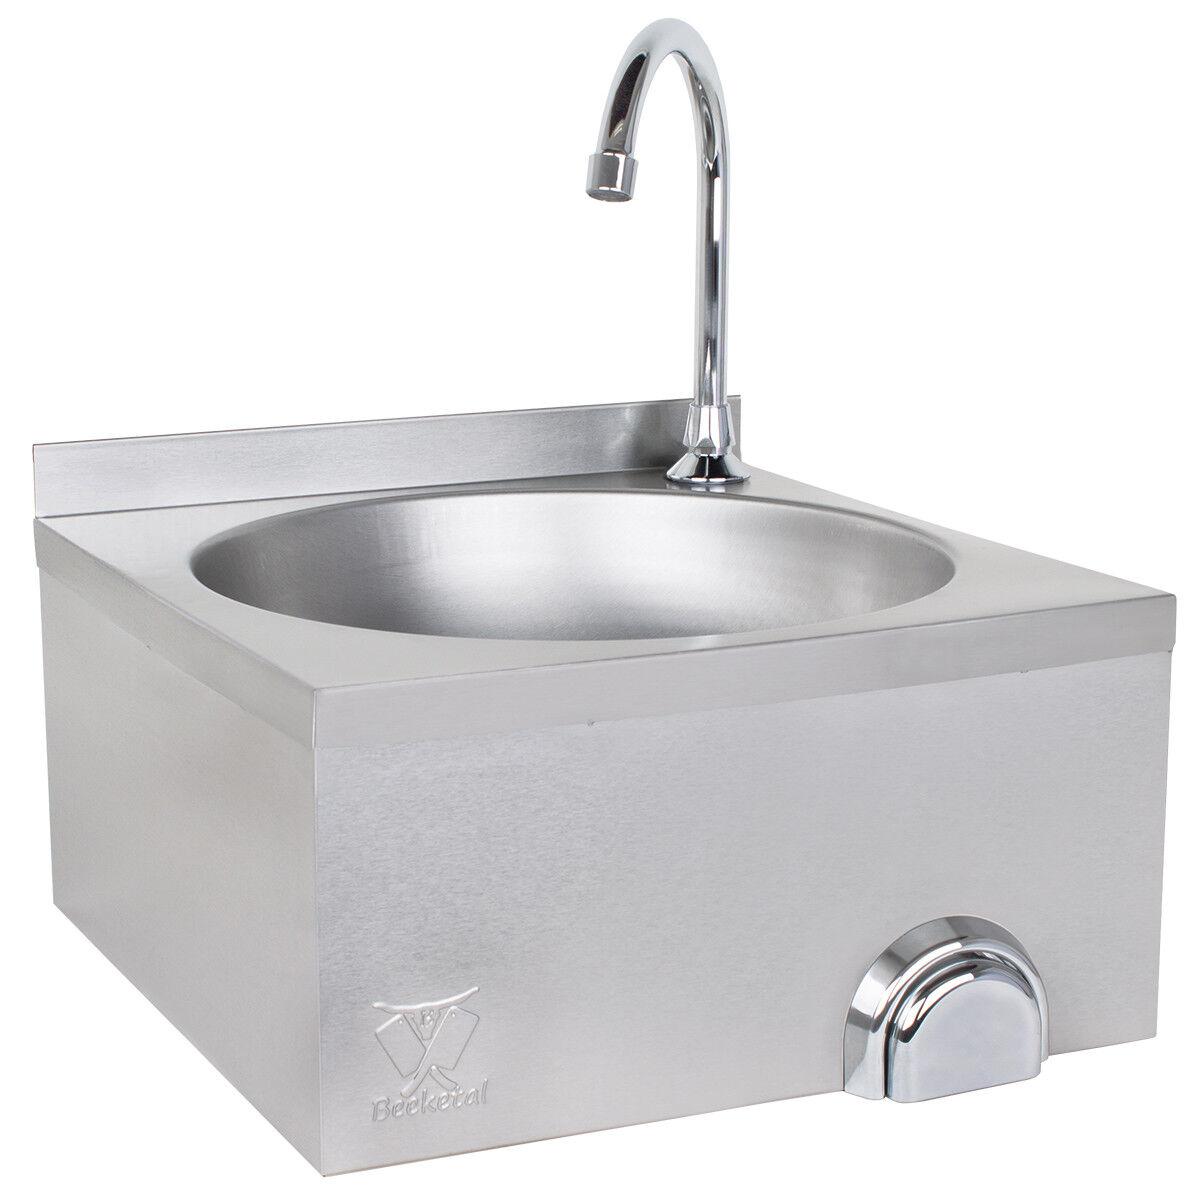 Beeketal Gastro Edelstahl Handwaschbecken Waschtisch Waschbecken Kniebetätigung